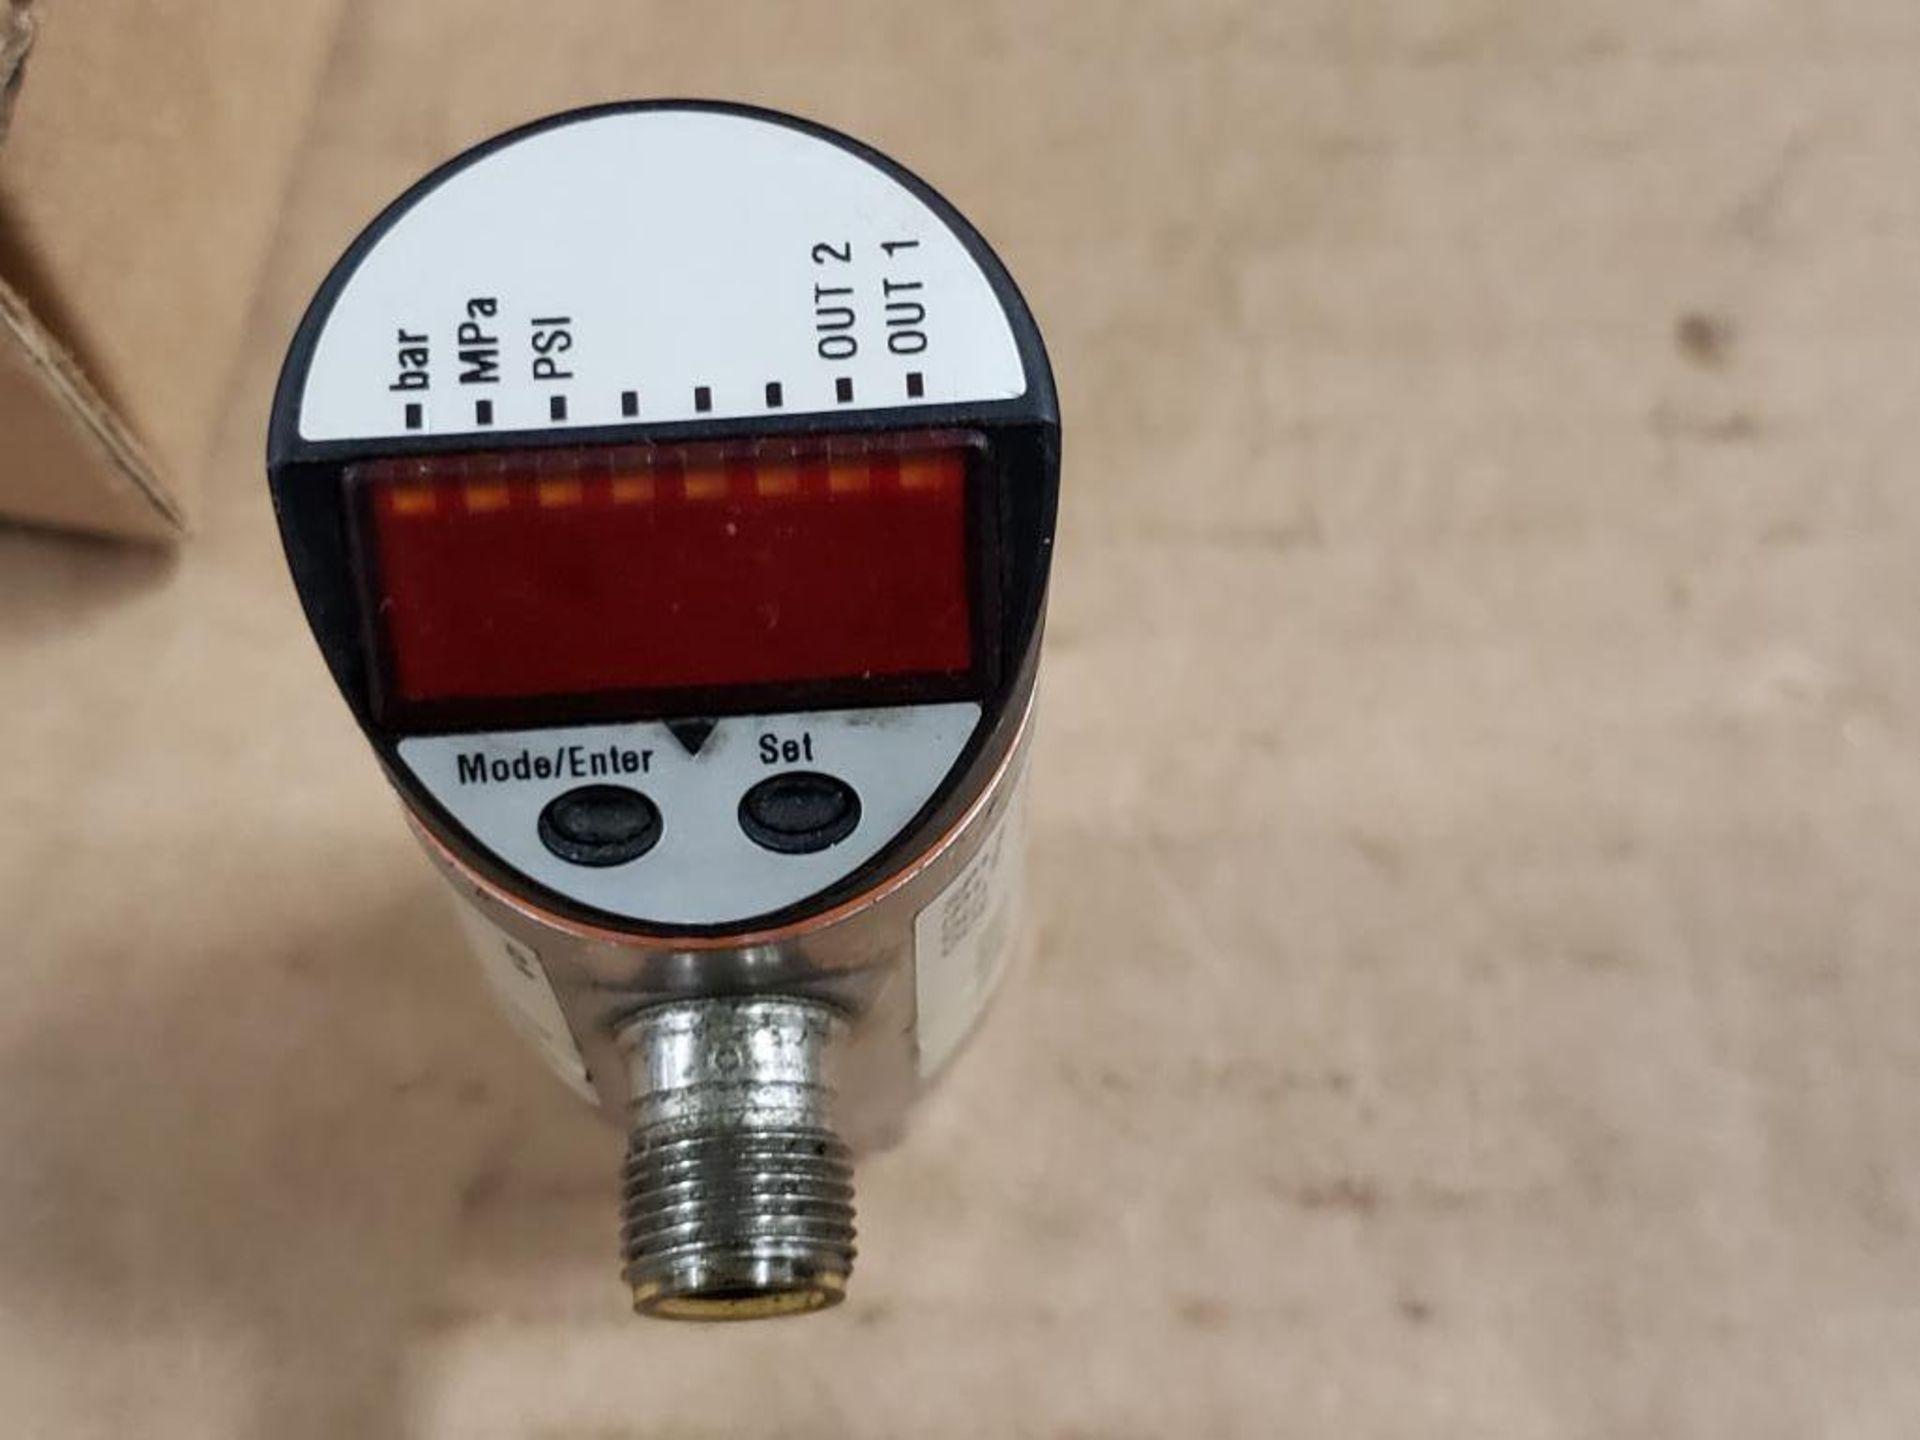 Qty 2 - IFM PN7004 Pressure switch sensor. - Image 3 of 3